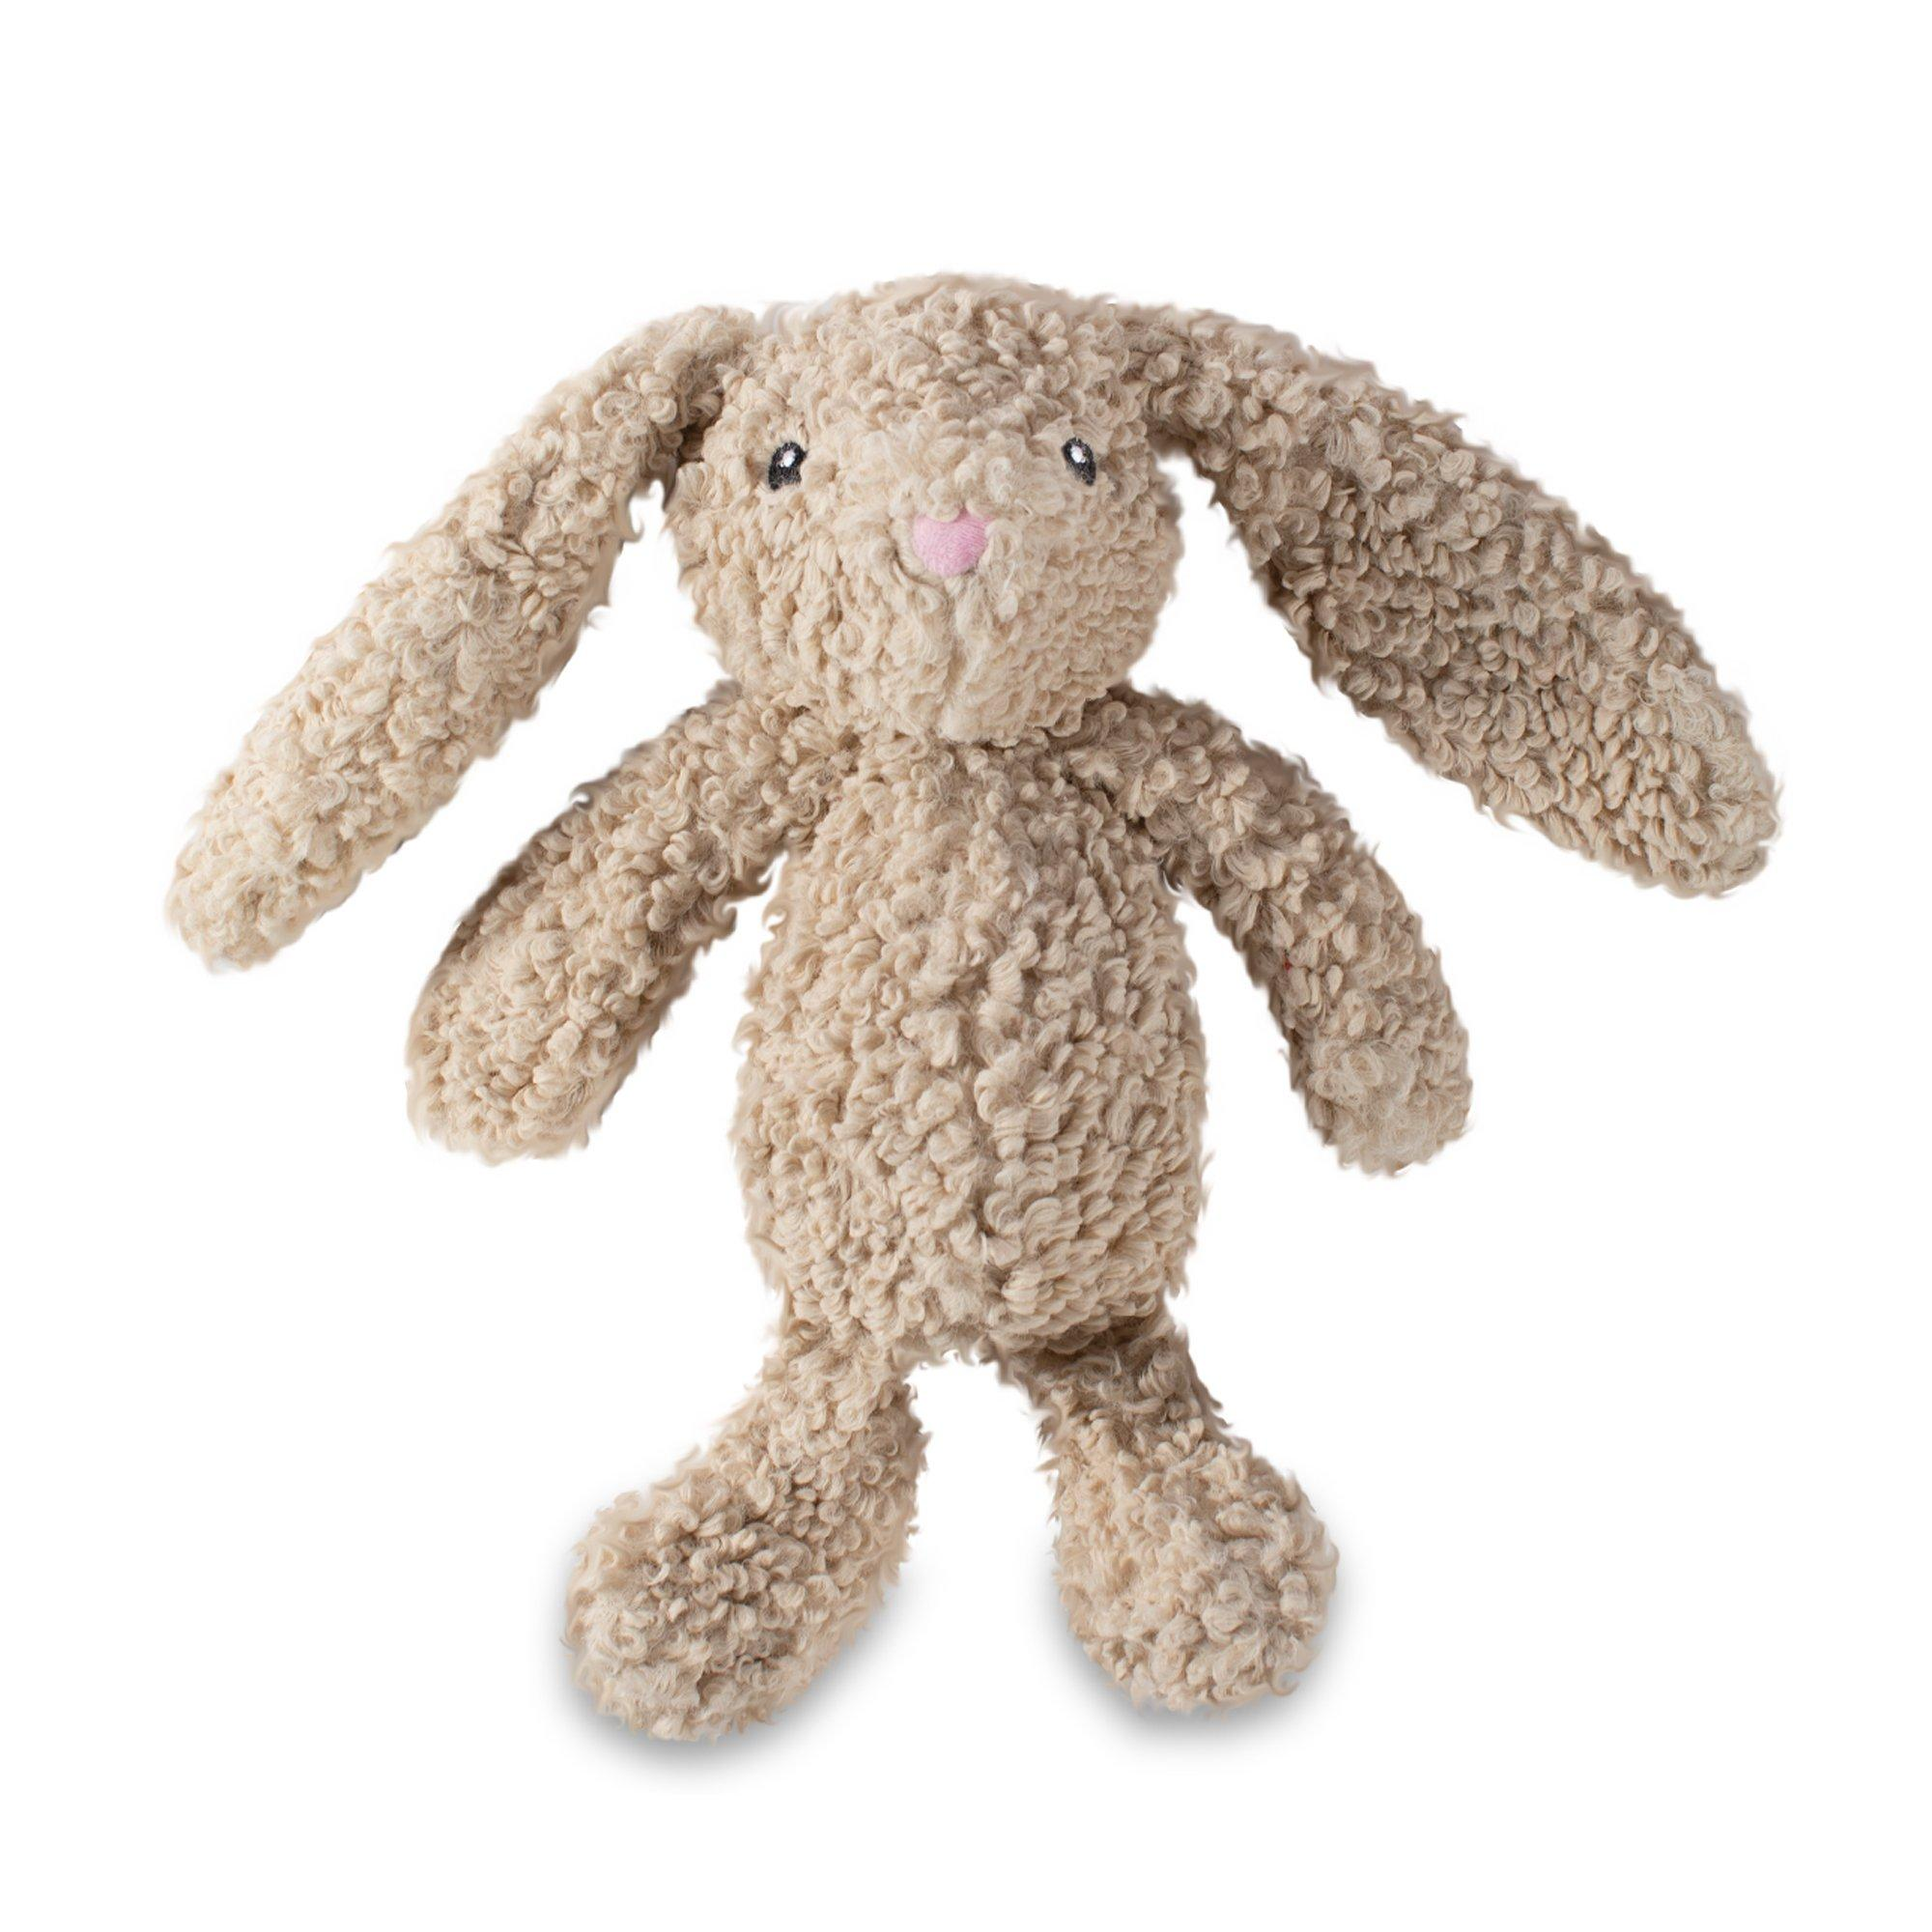 Pet Shop by Fringe Studio Bunny Plush Dog Toy